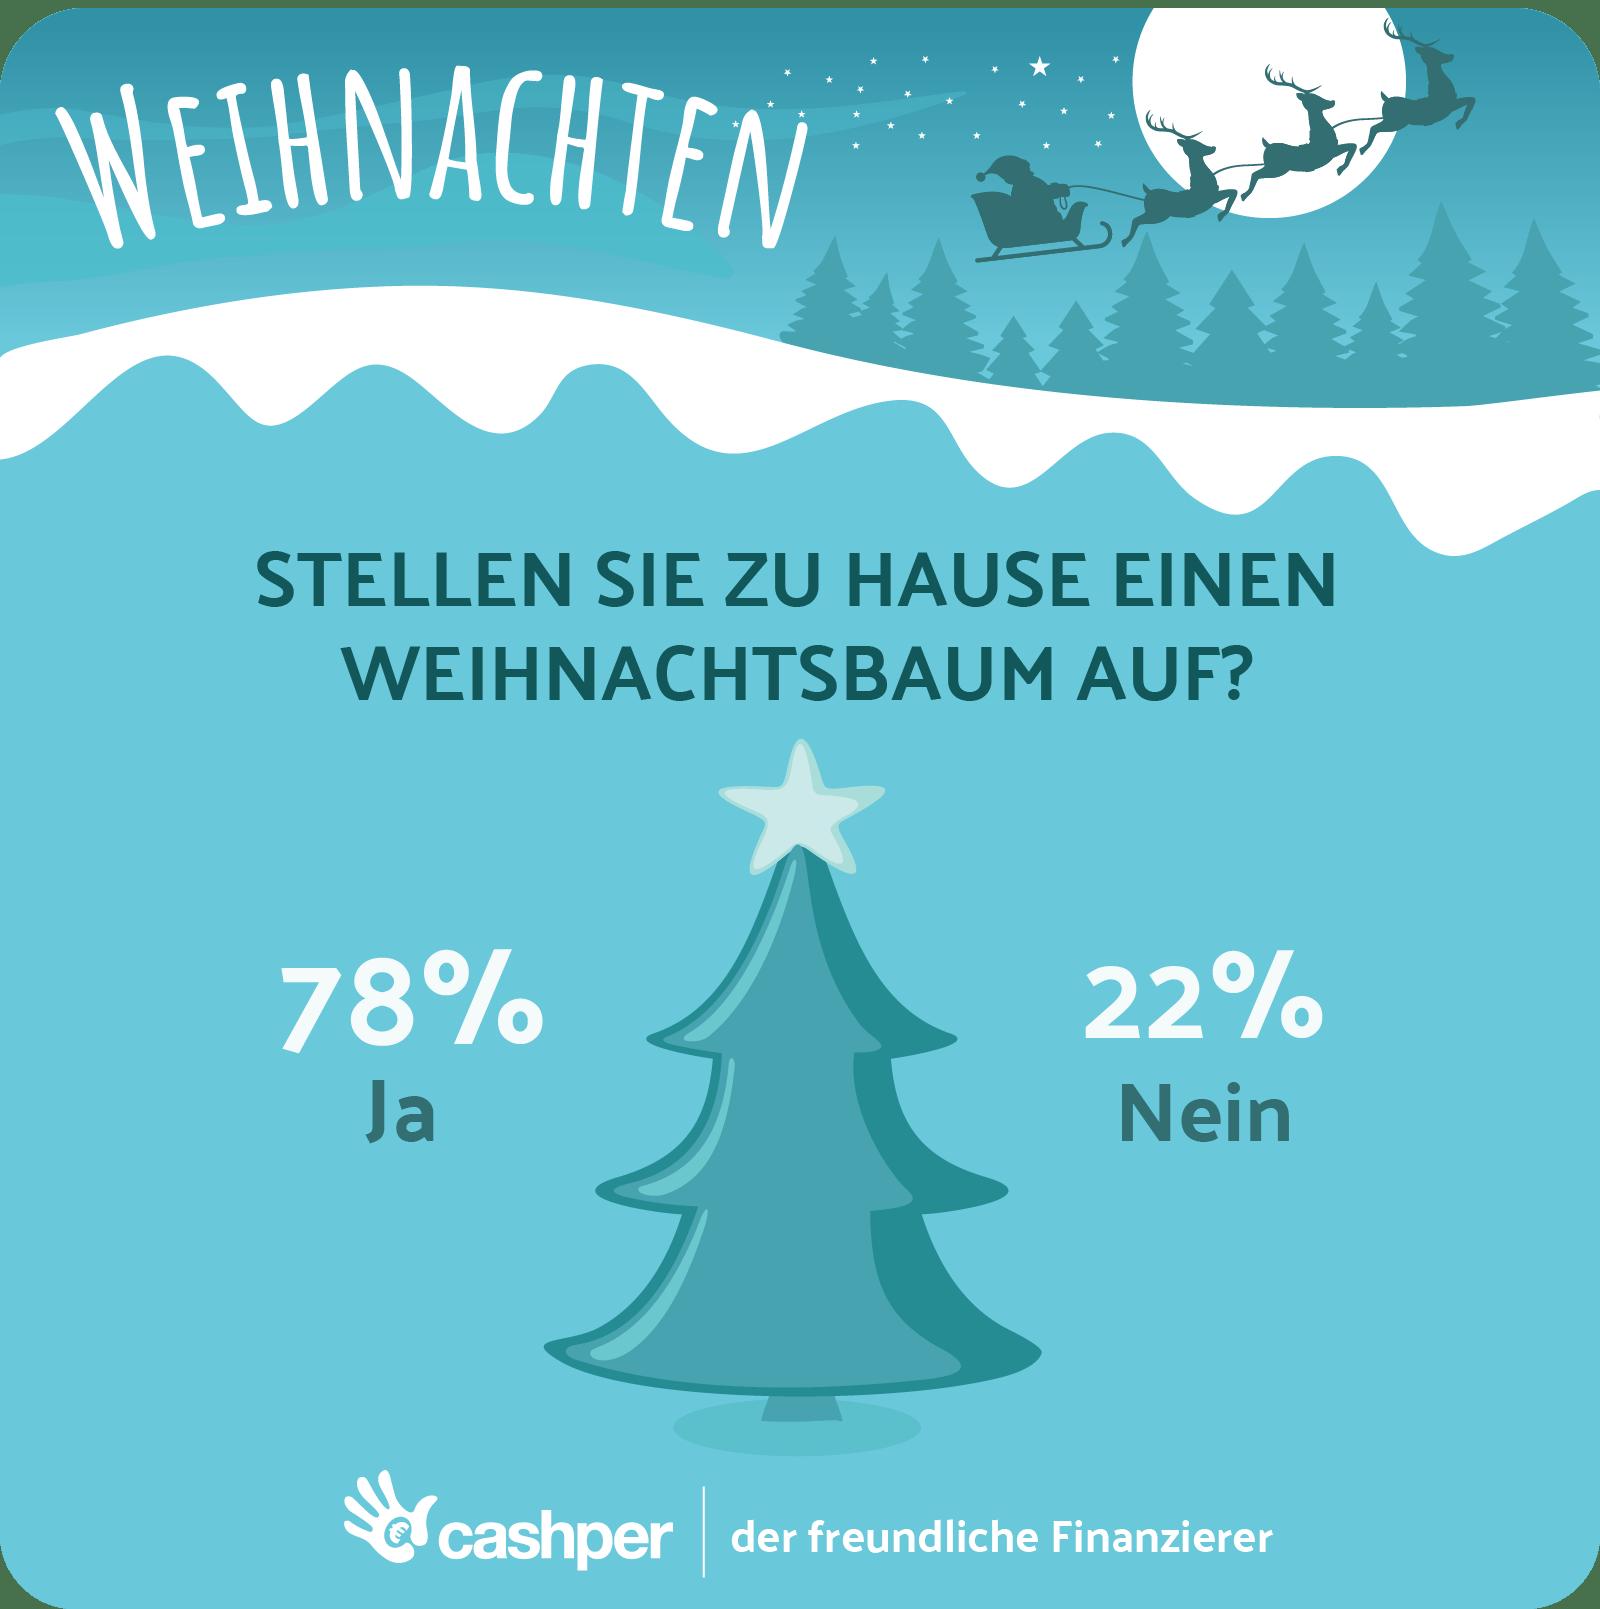 Weihnachten Am 6 Januar.Weihnachtsumfrage 2017 Wie Feiert Man Dieses Jahr Weihnachten